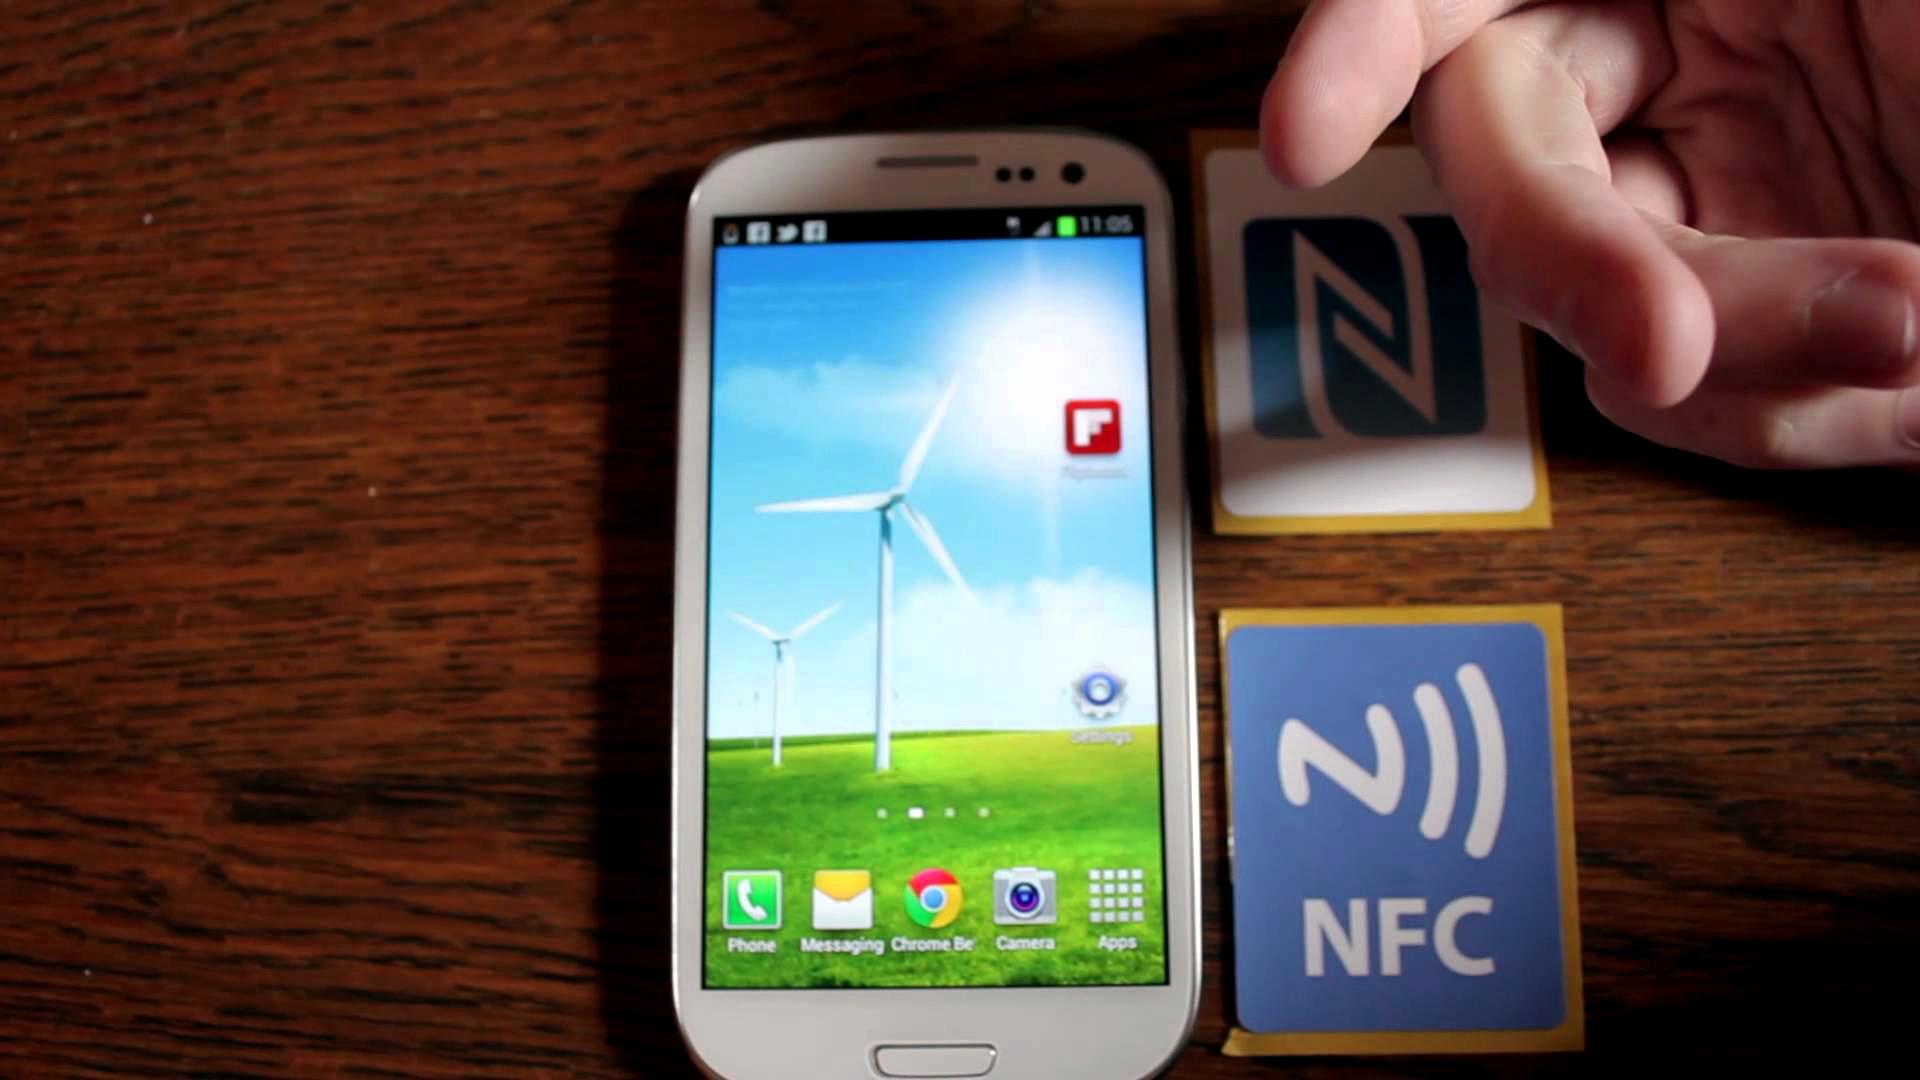 samsung смартфон с нфс